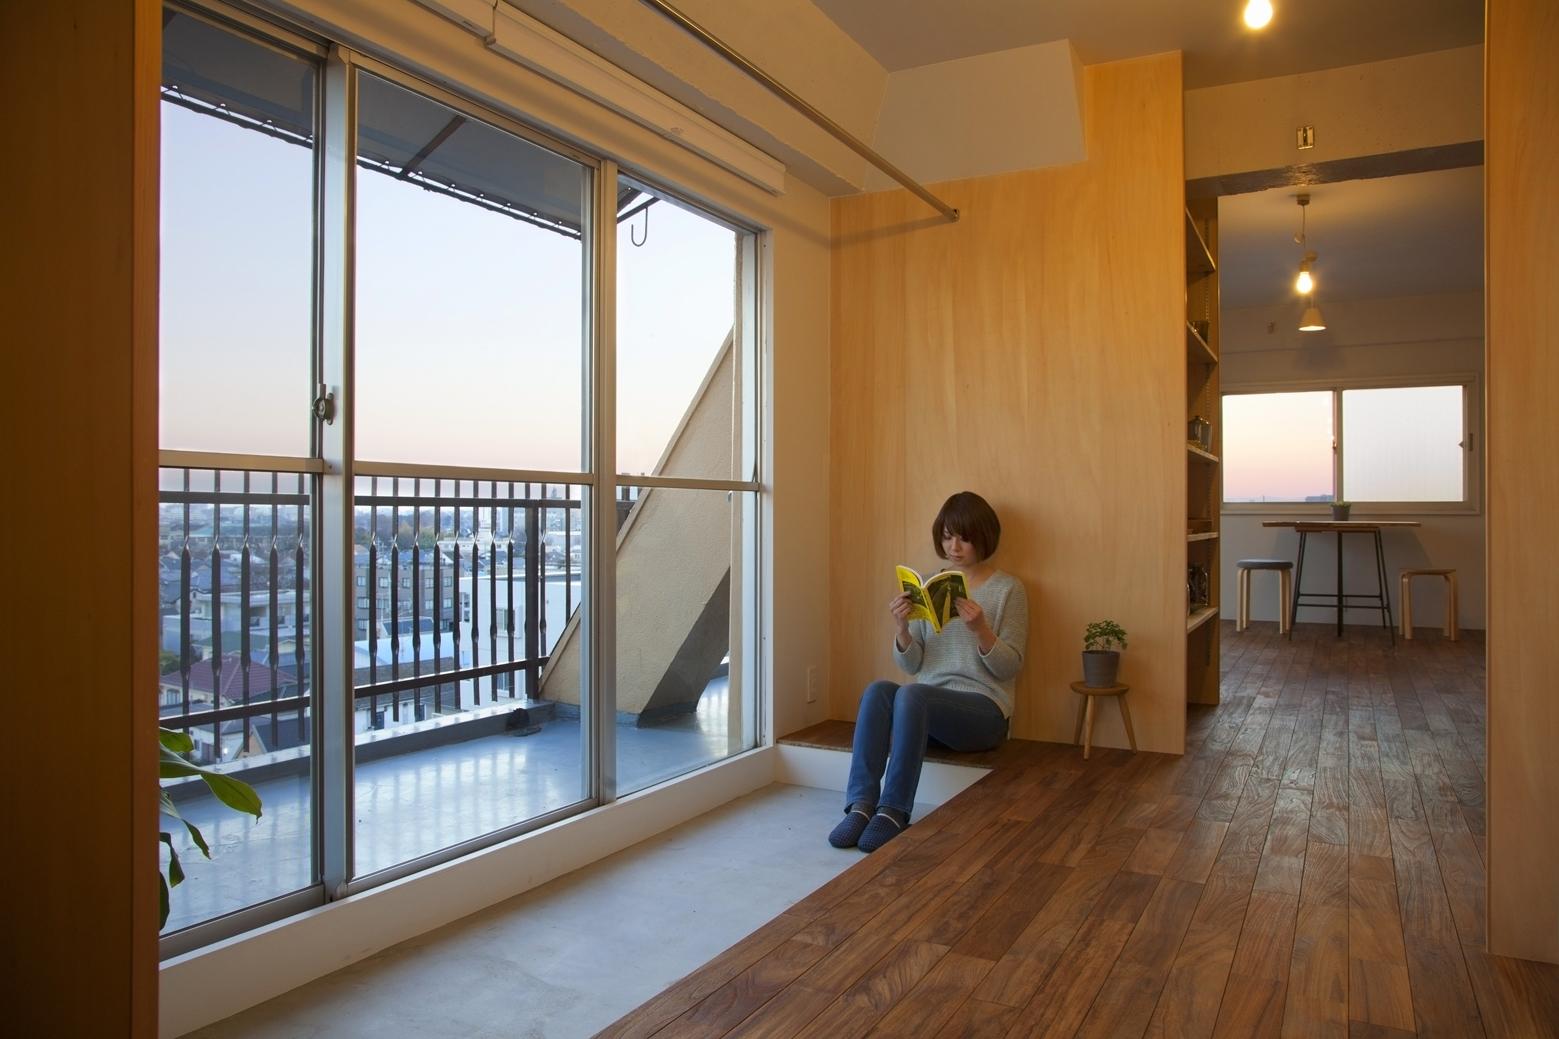 Японский интерьер с балконом